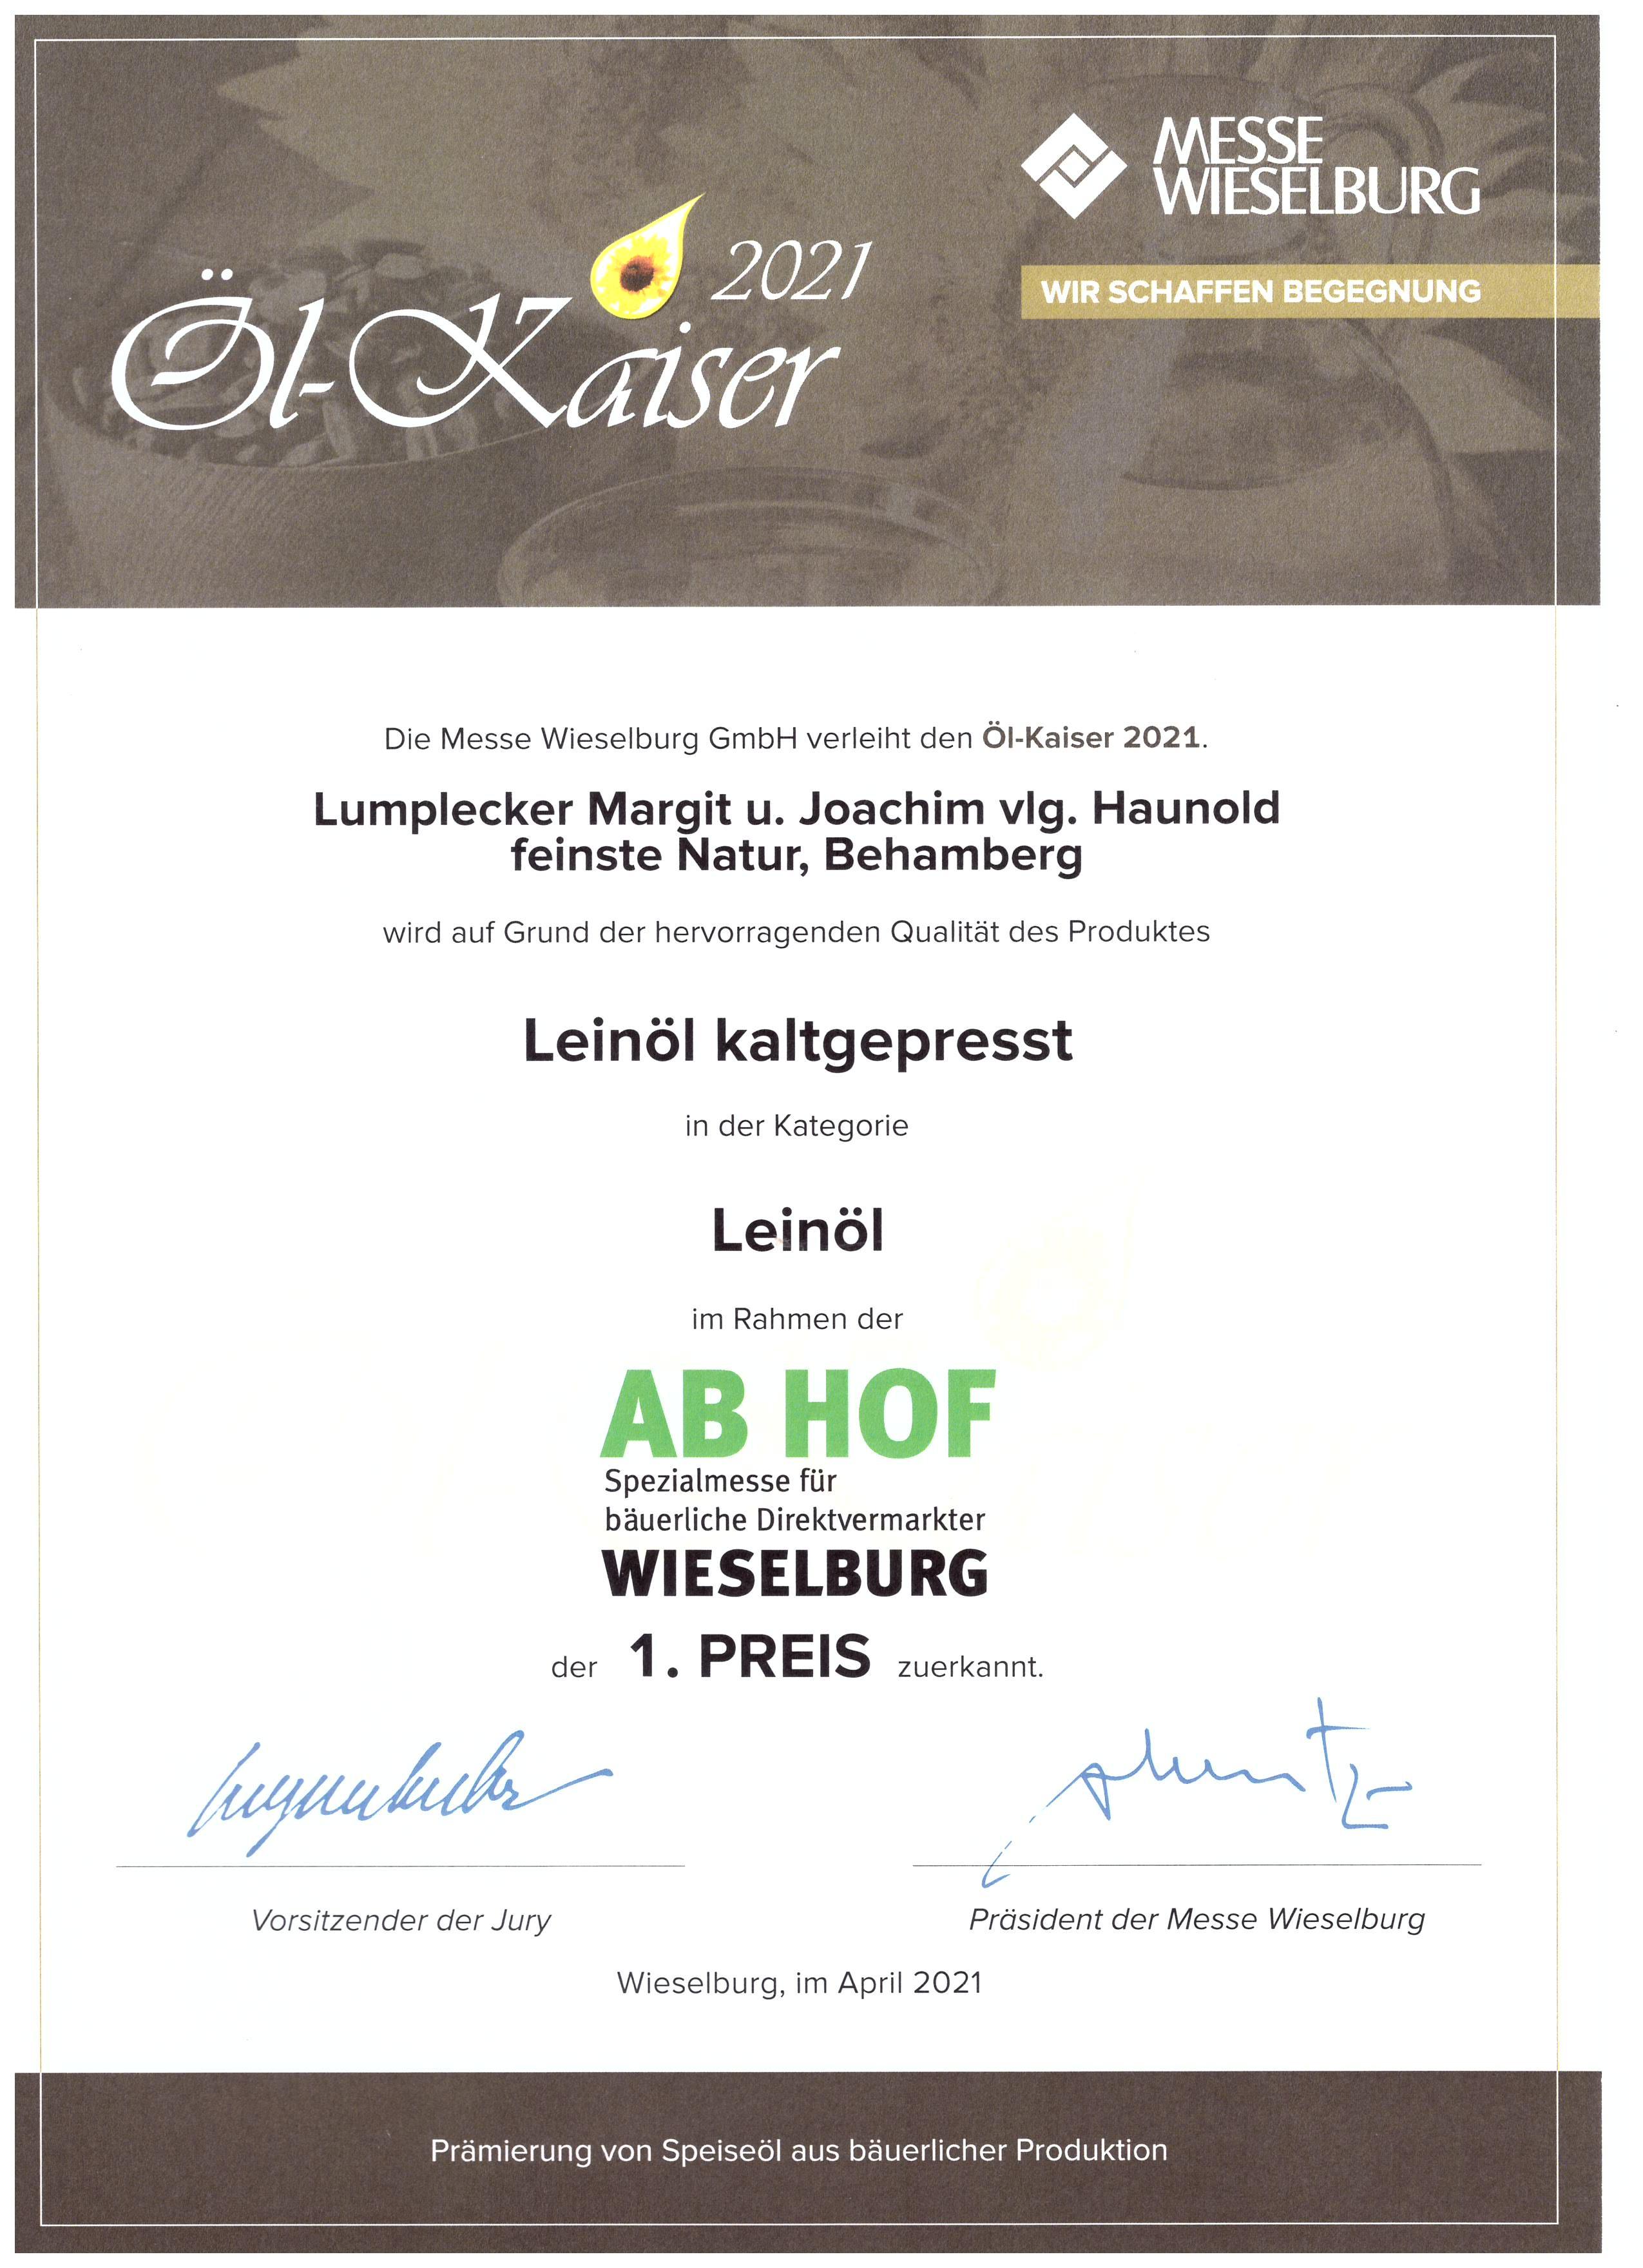 ÖL-Kaiser 2021 – 1. Preis für Leinöl